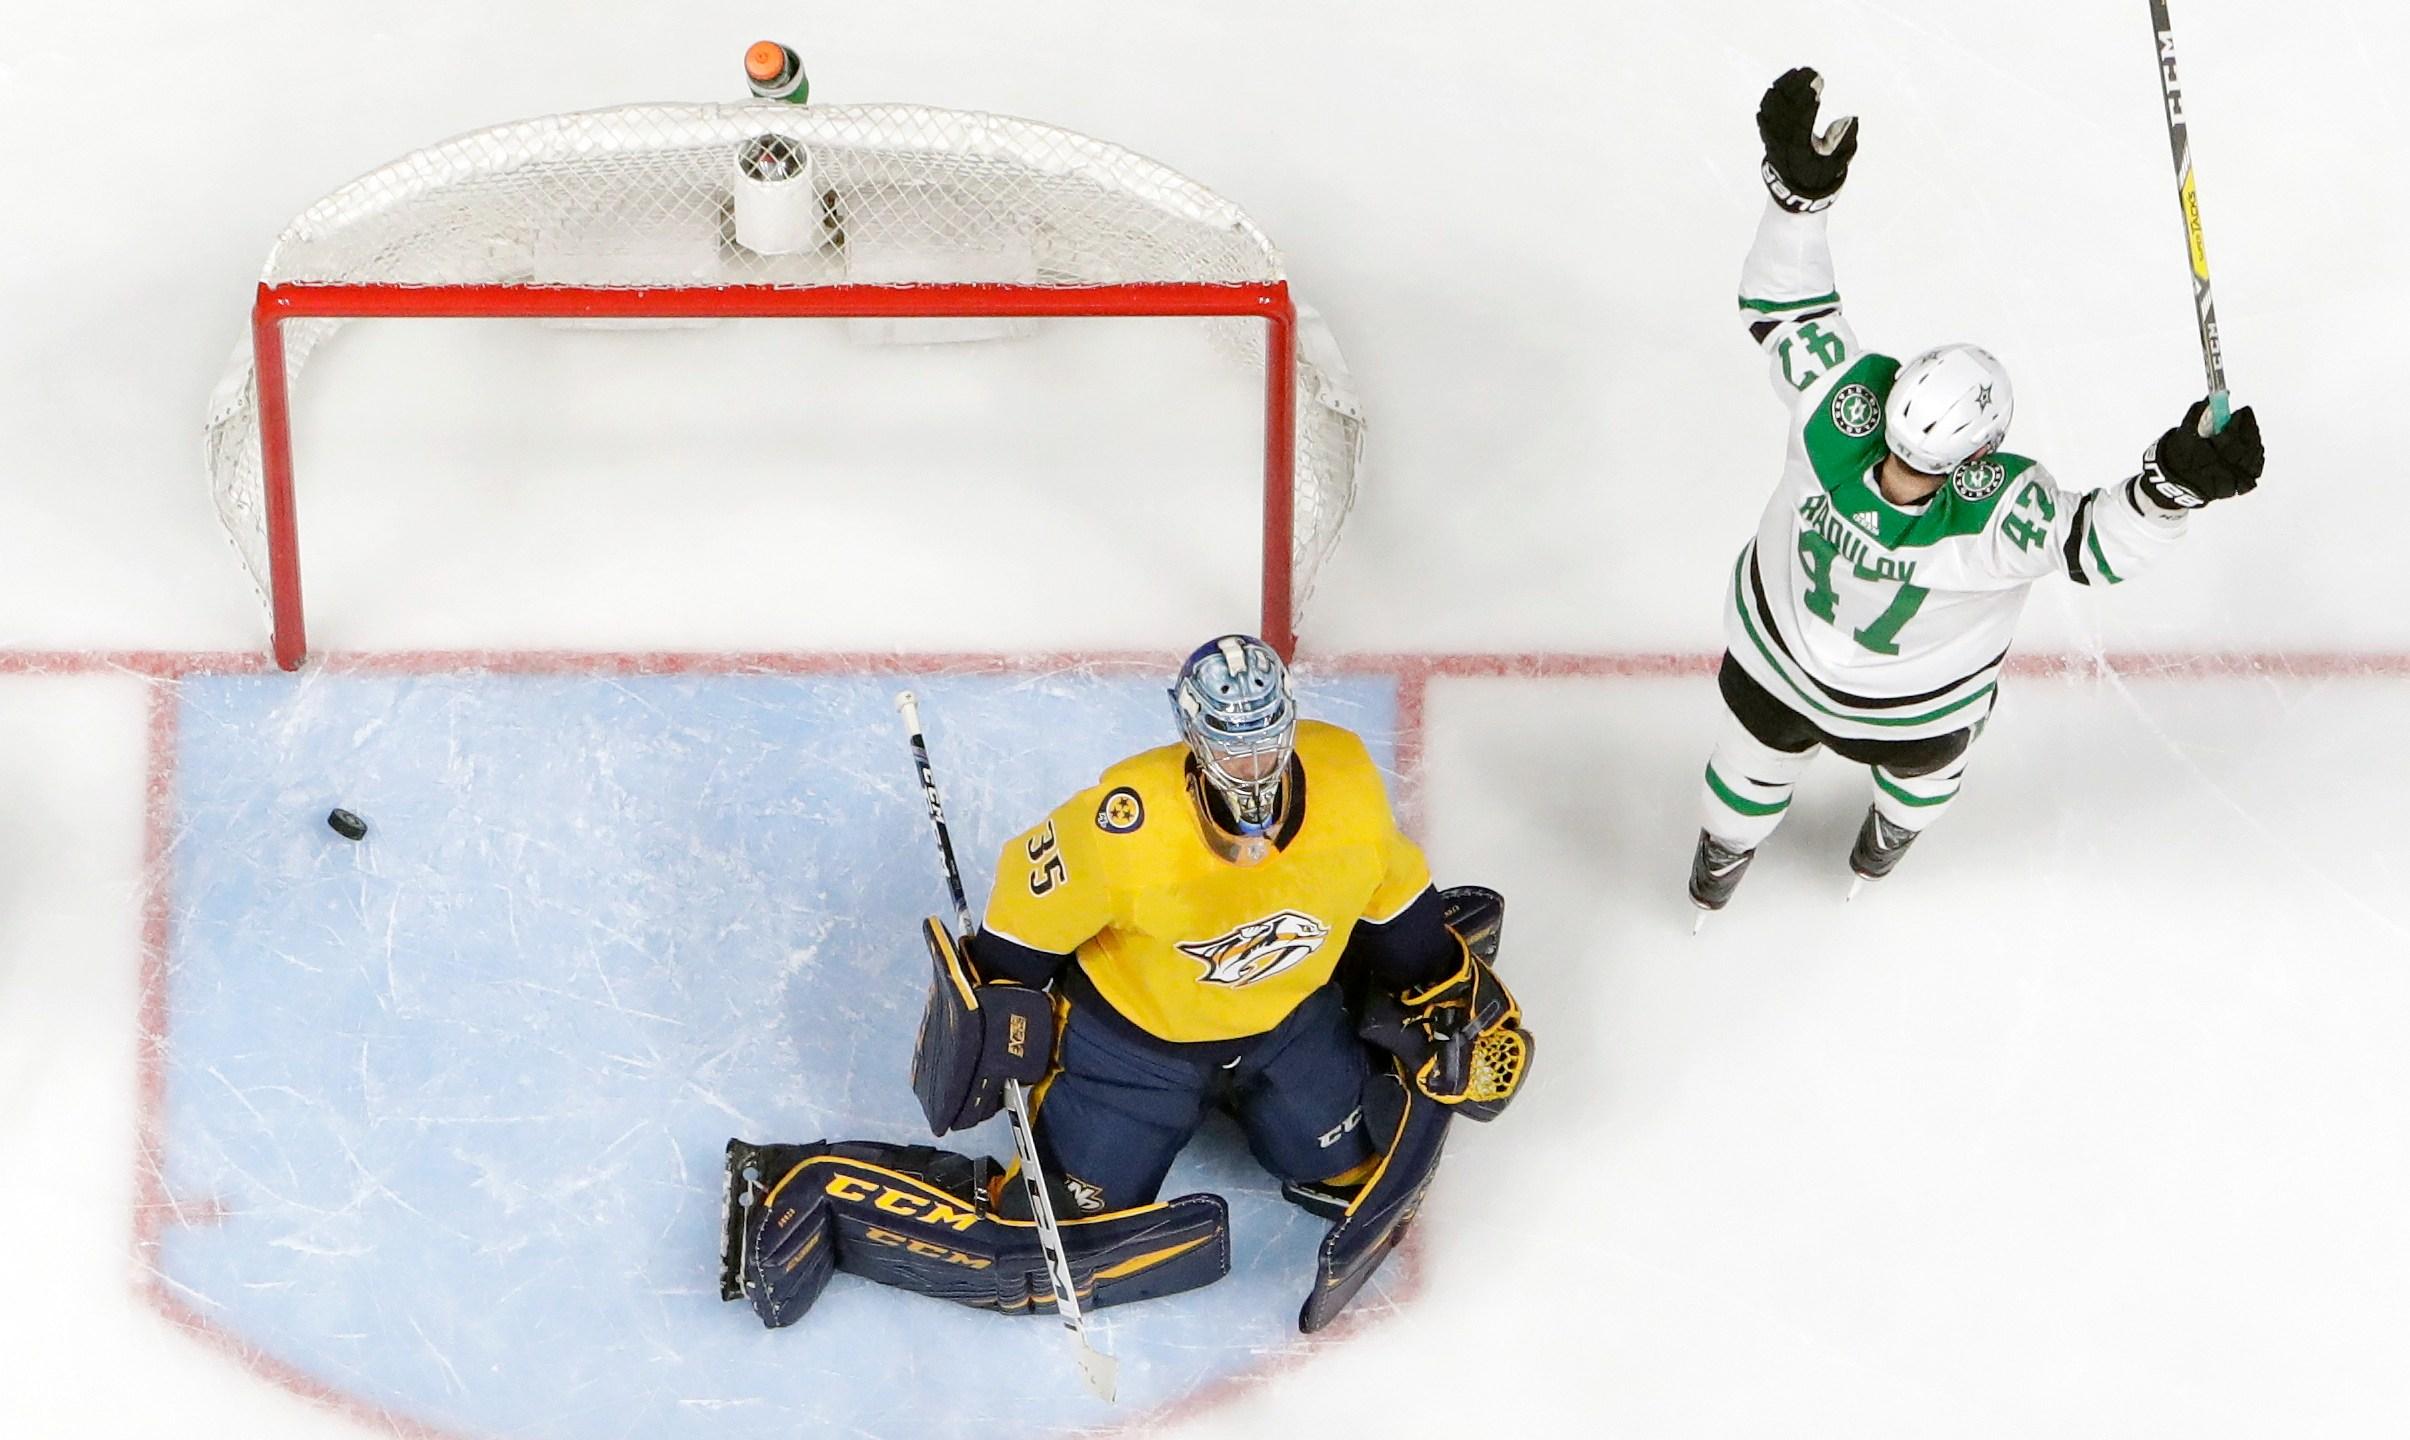 Stars Predators Hockey_1555798227914